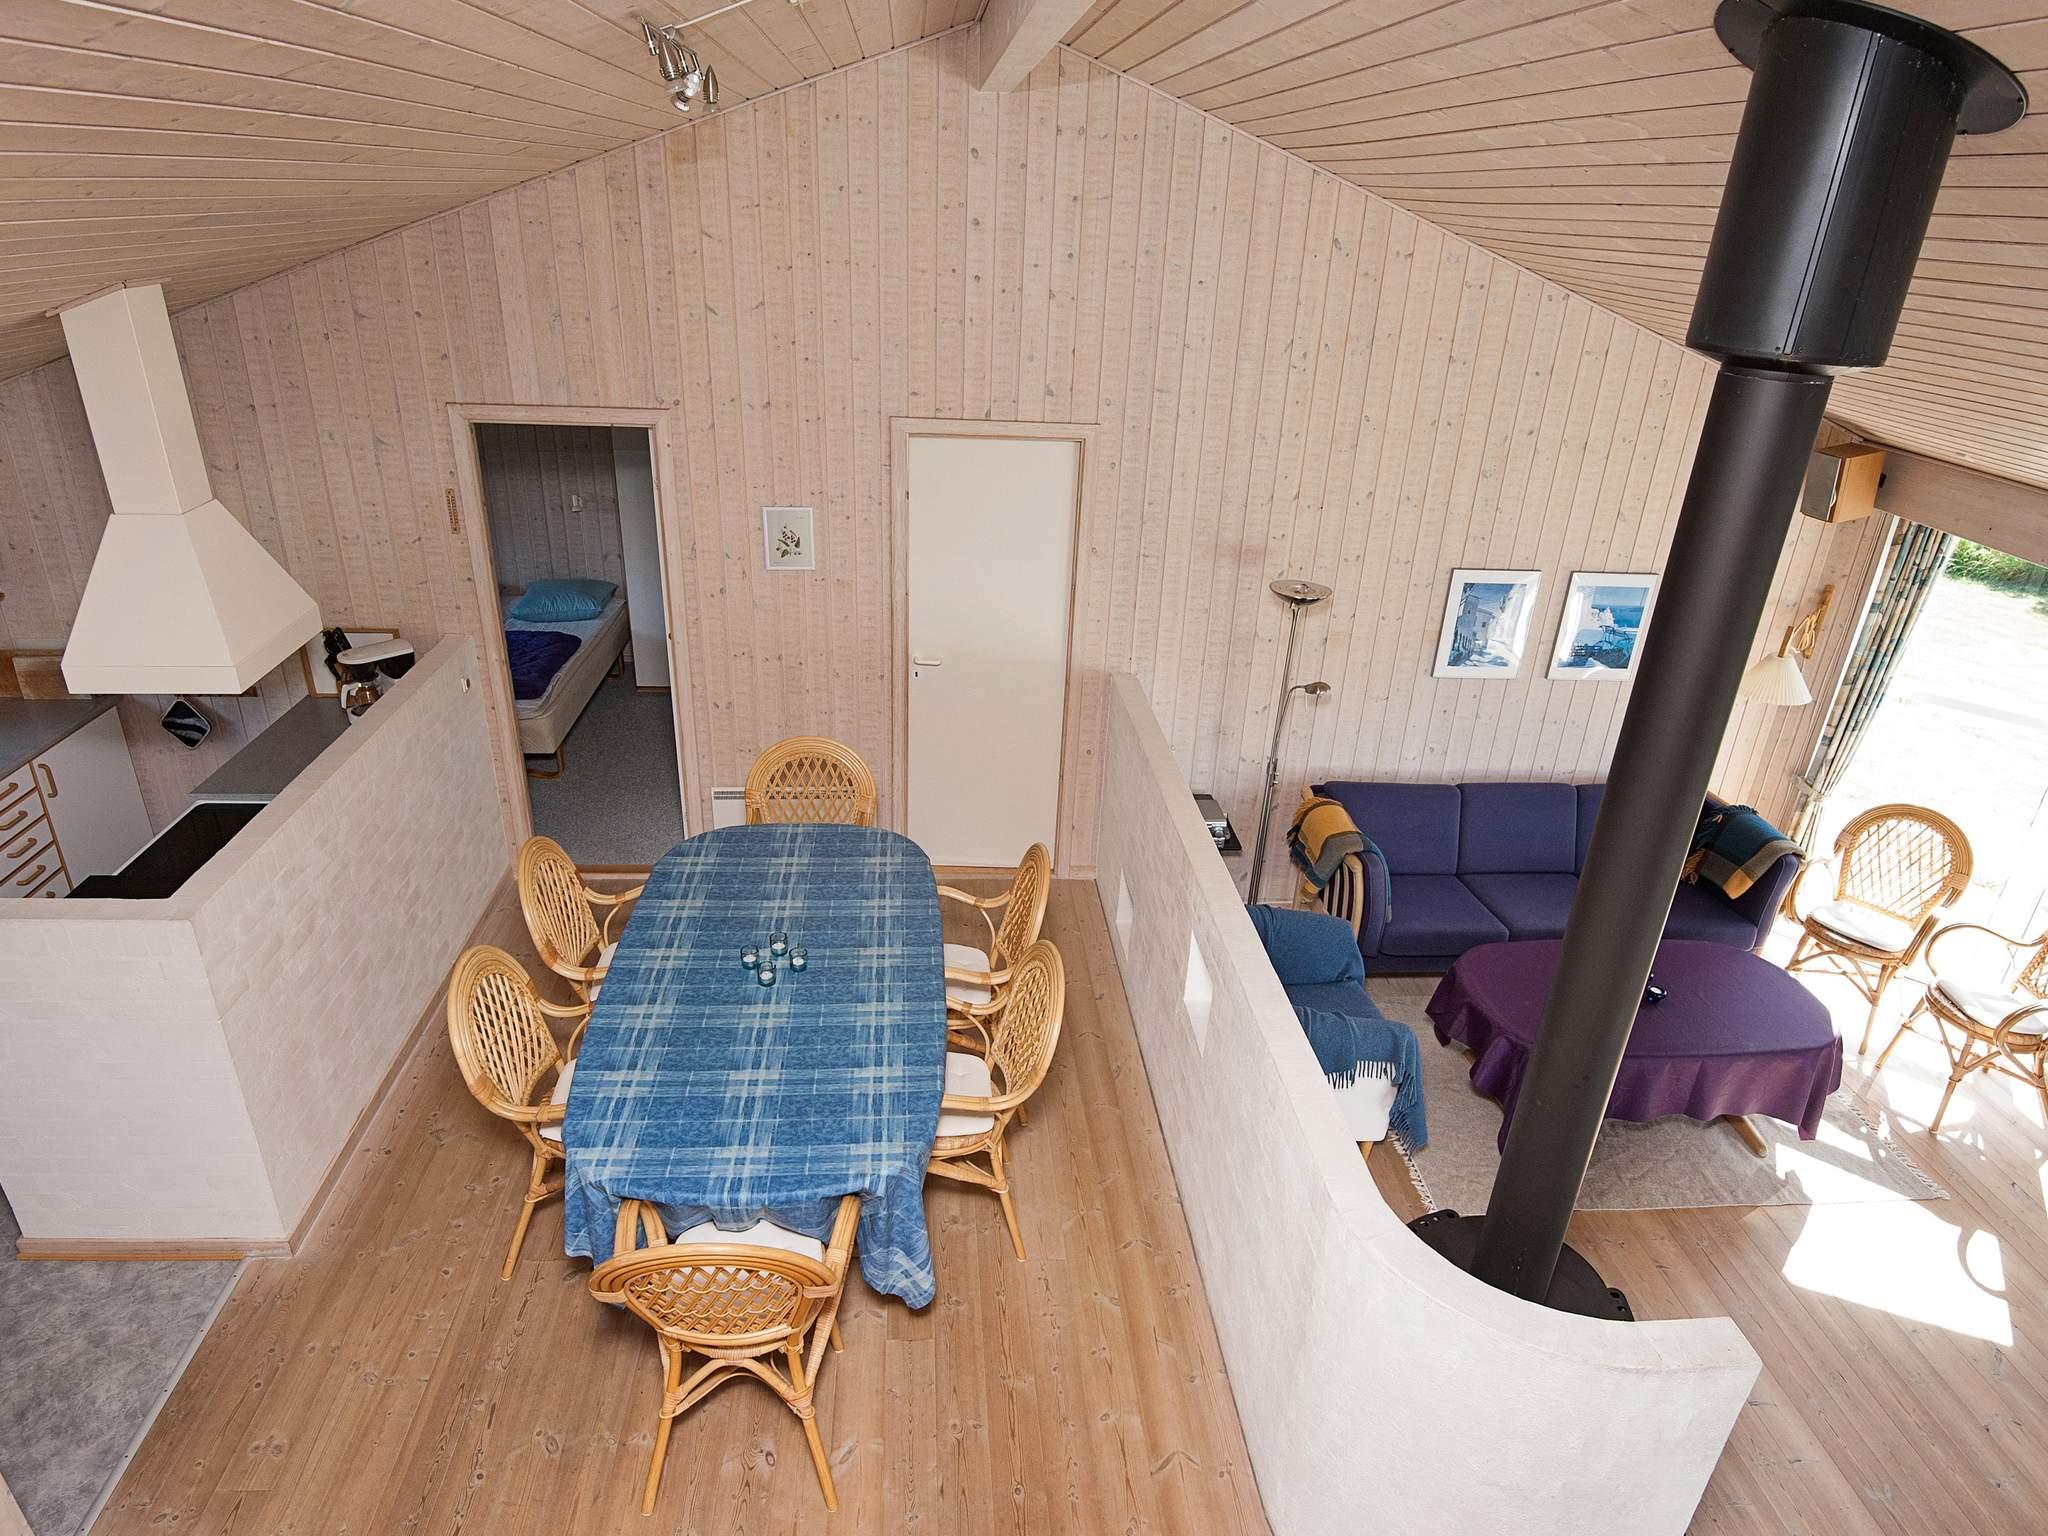 Ferienhaus Bønnerup Strand (125810), Bønnerup, , Ostjütland, Dänemark, Bild 4